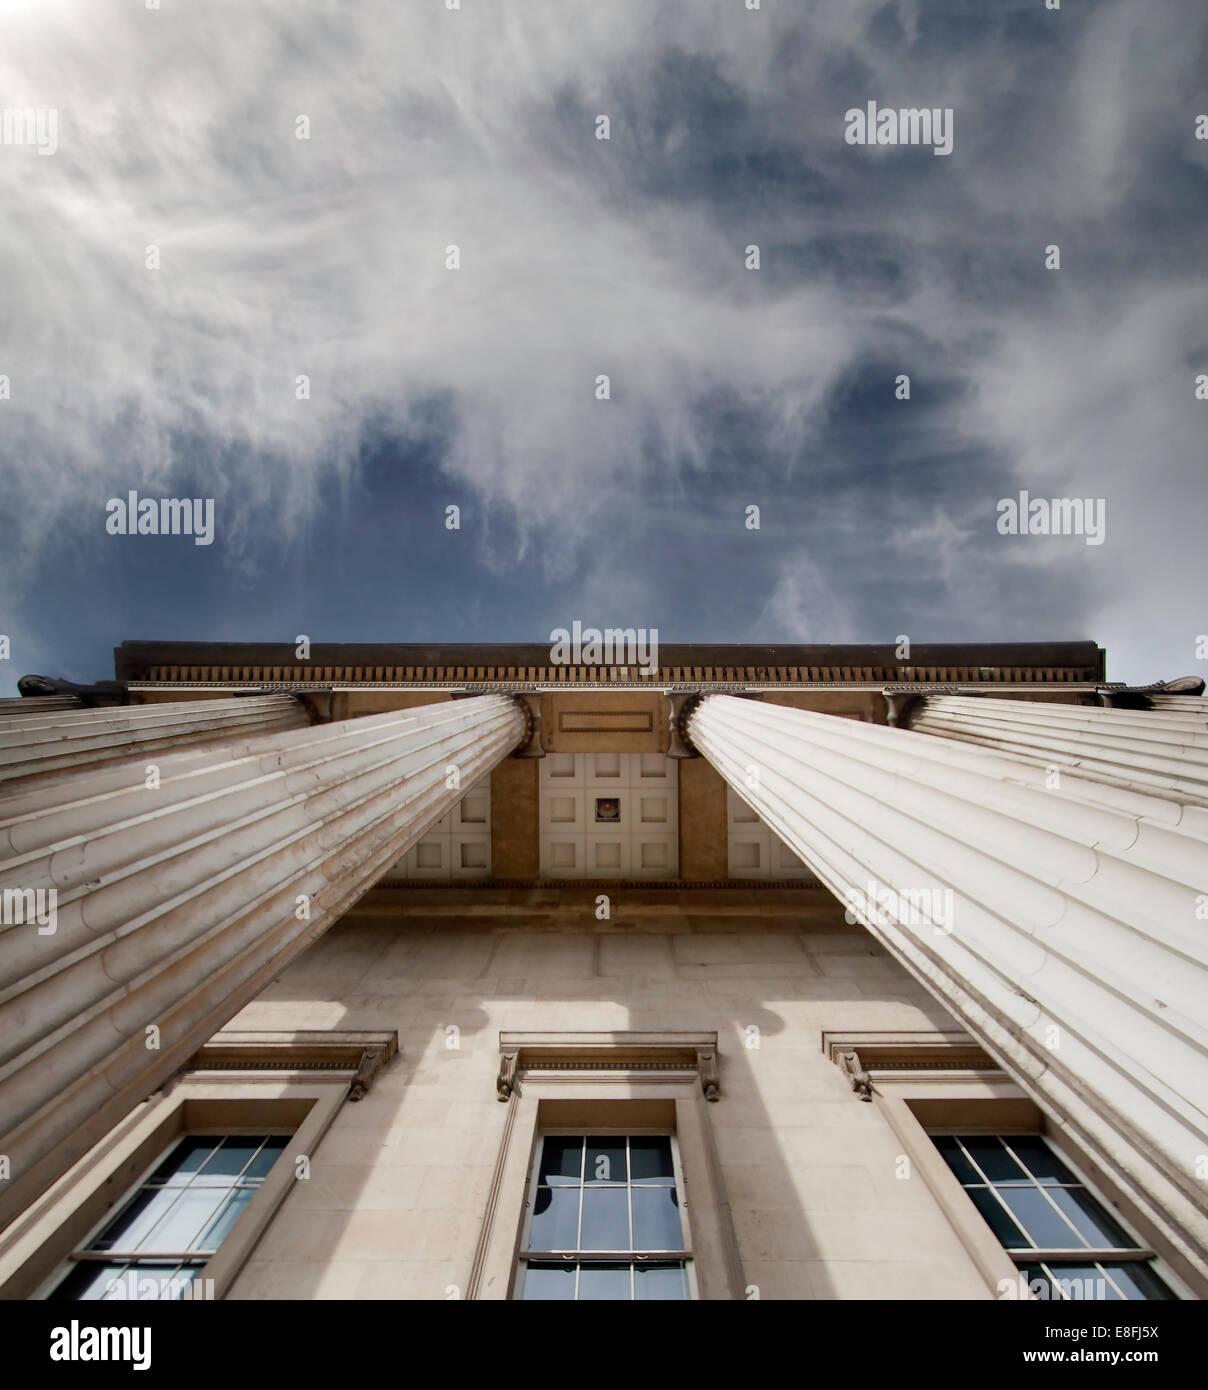 Reino Unido, Inglaterra, Londres, baja visión del Museo Británico Imagen De Stock